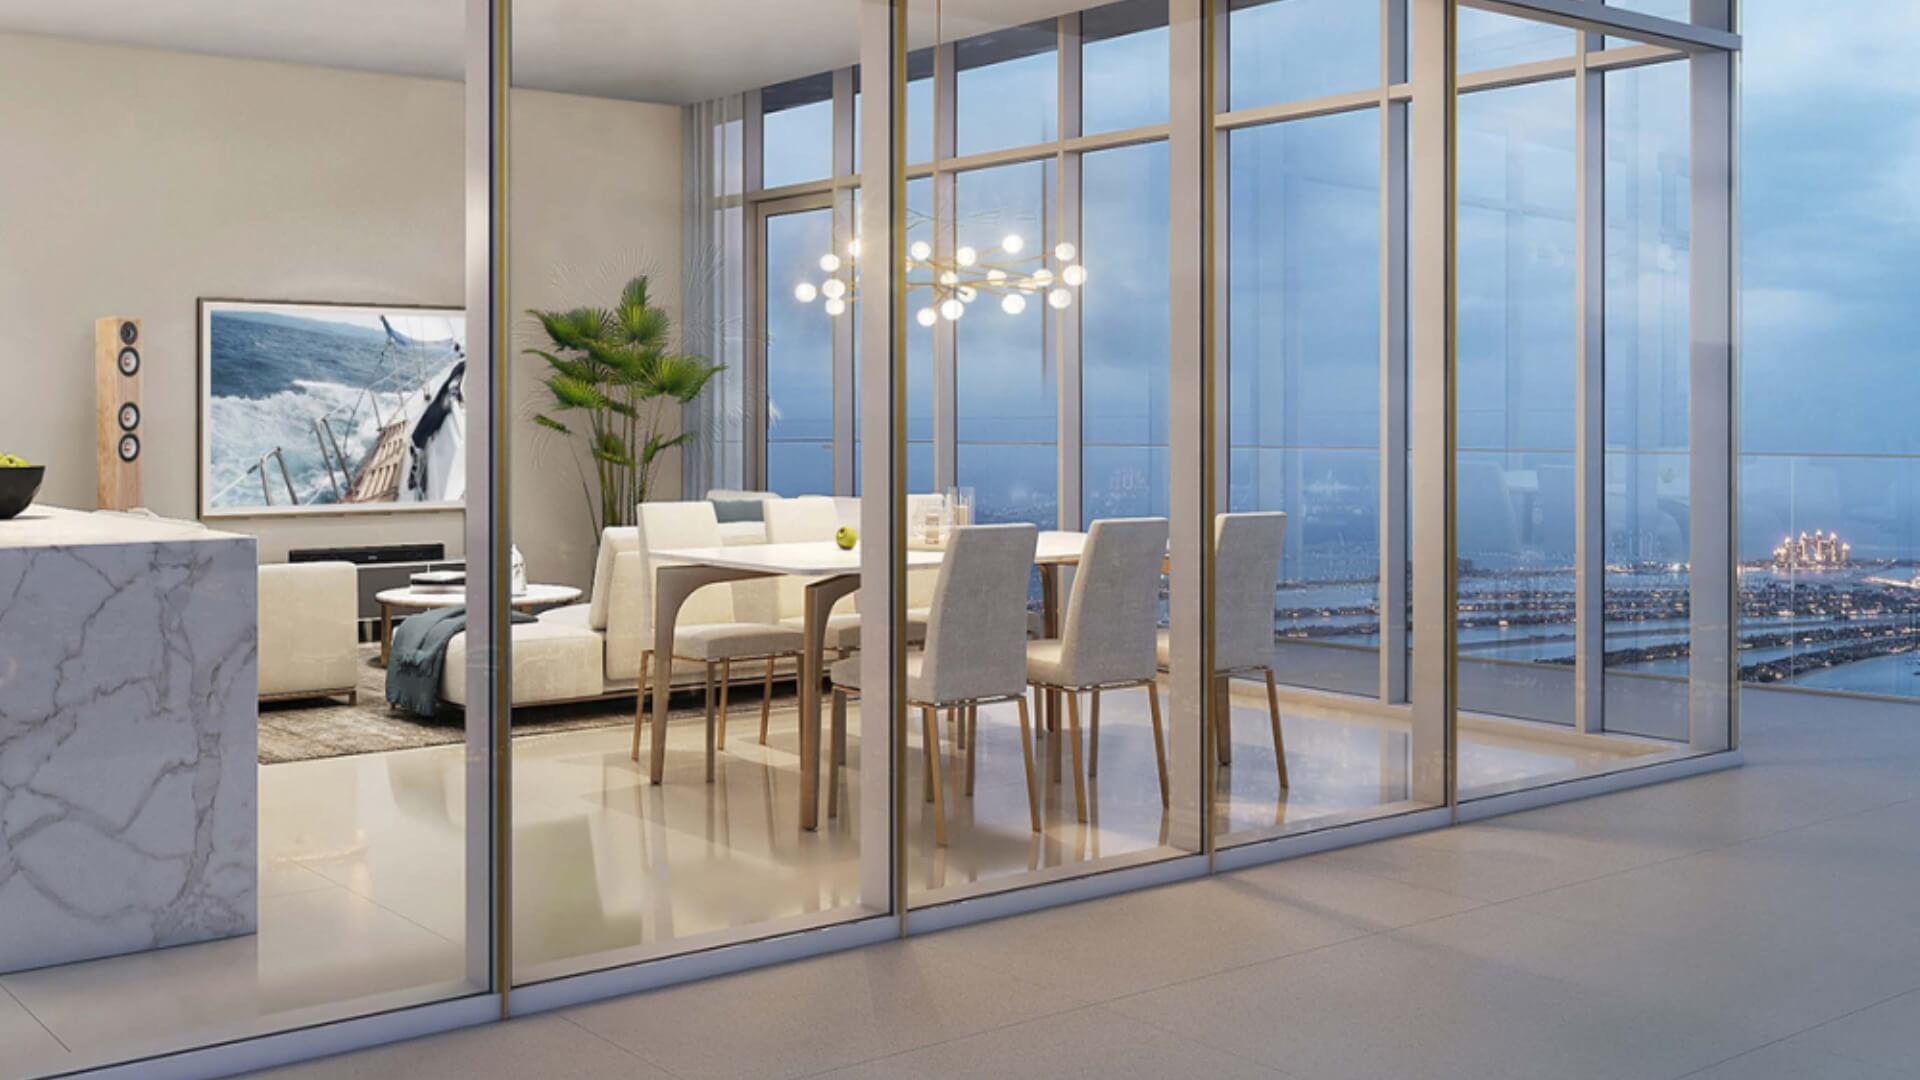 Apartamento en venta en Dubai, EAU, 1 dormitorio, 68 m2, № 24297 – foto 1